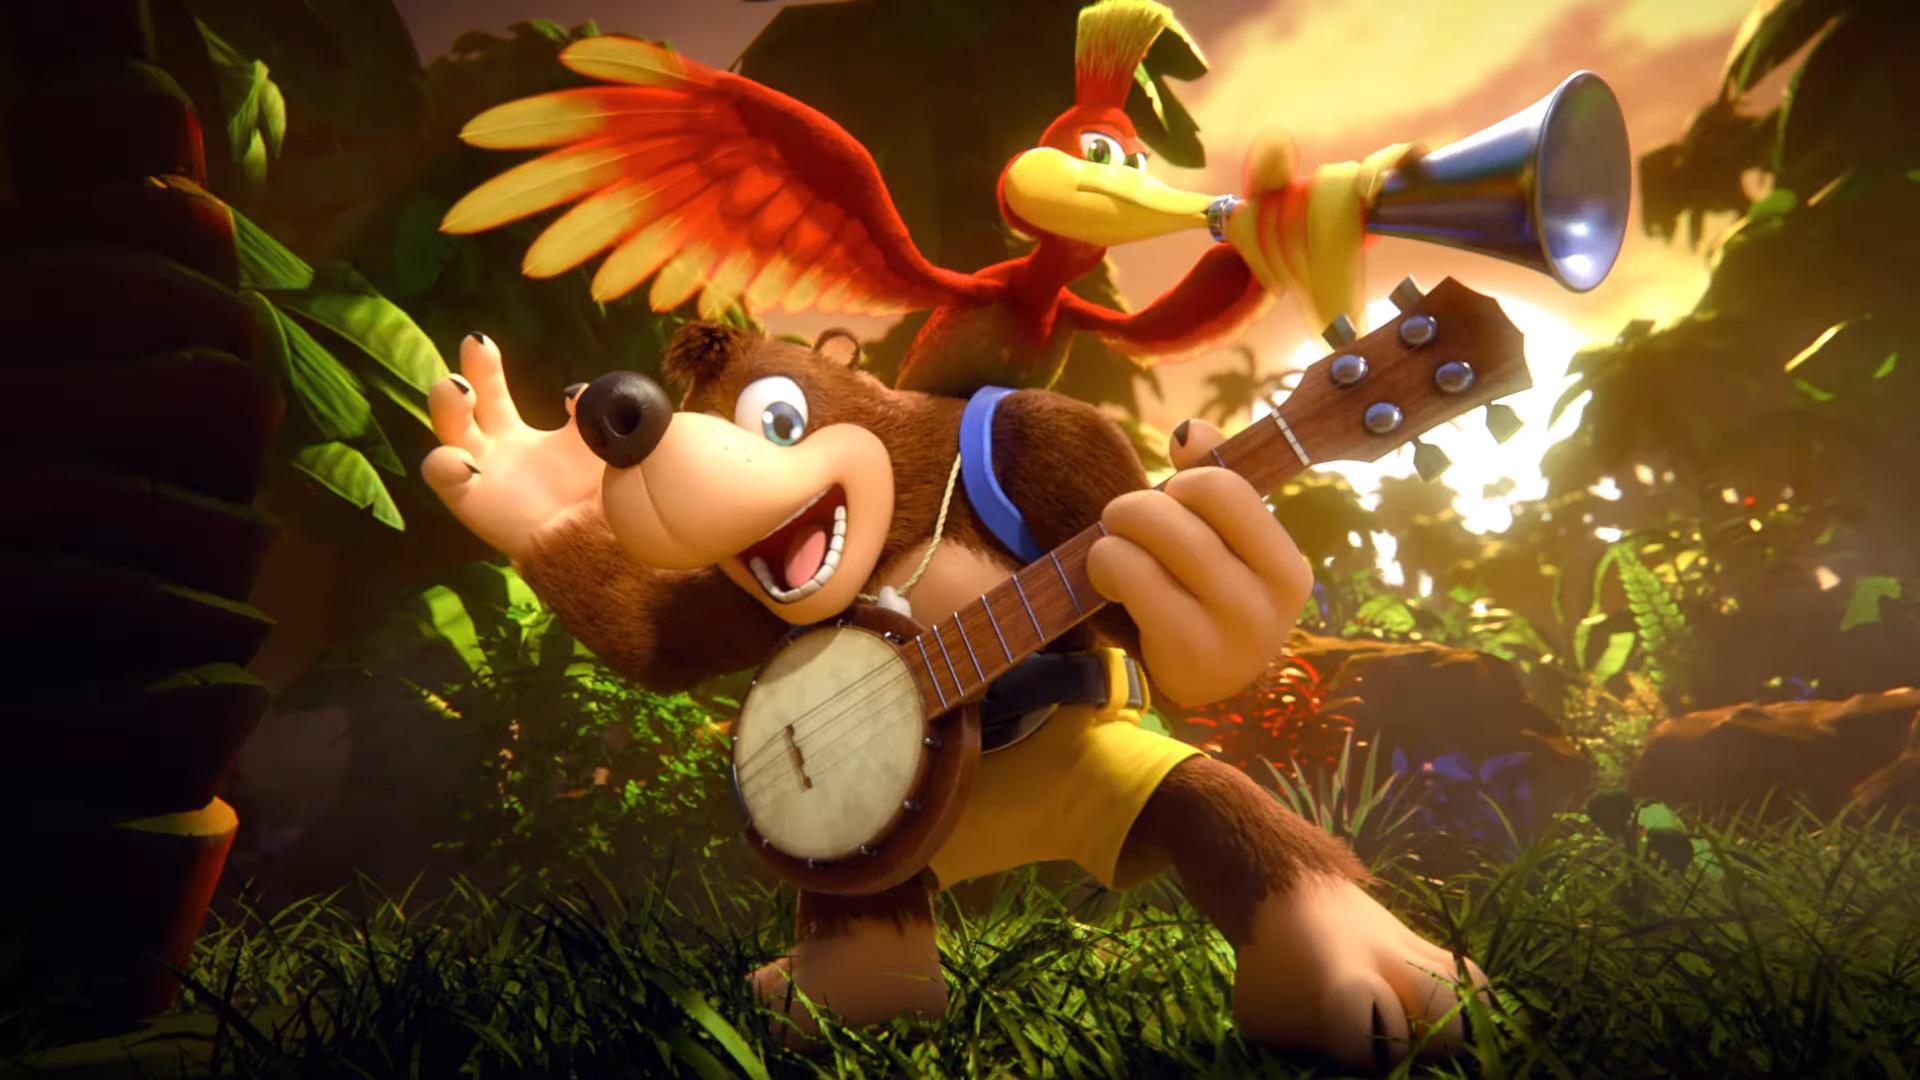 Image result for banjo smash